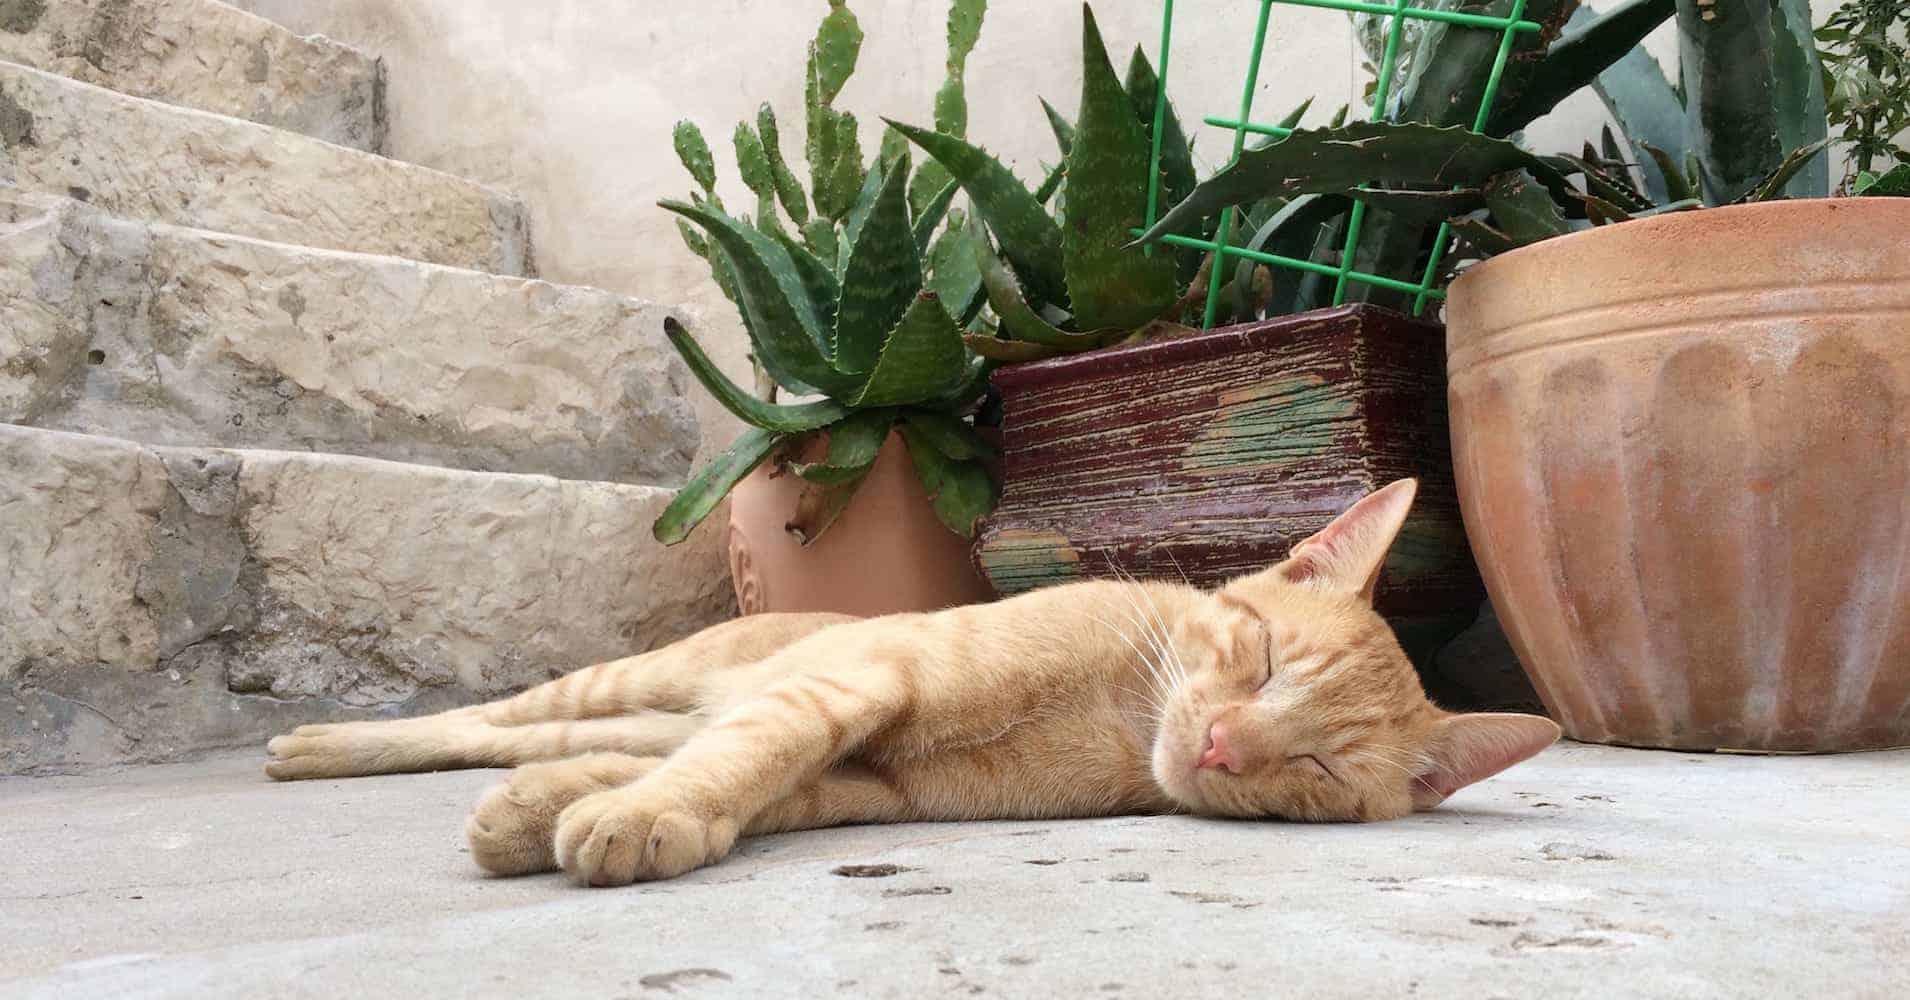 Cats of Dubrovnik - Orange Cat Sleeping